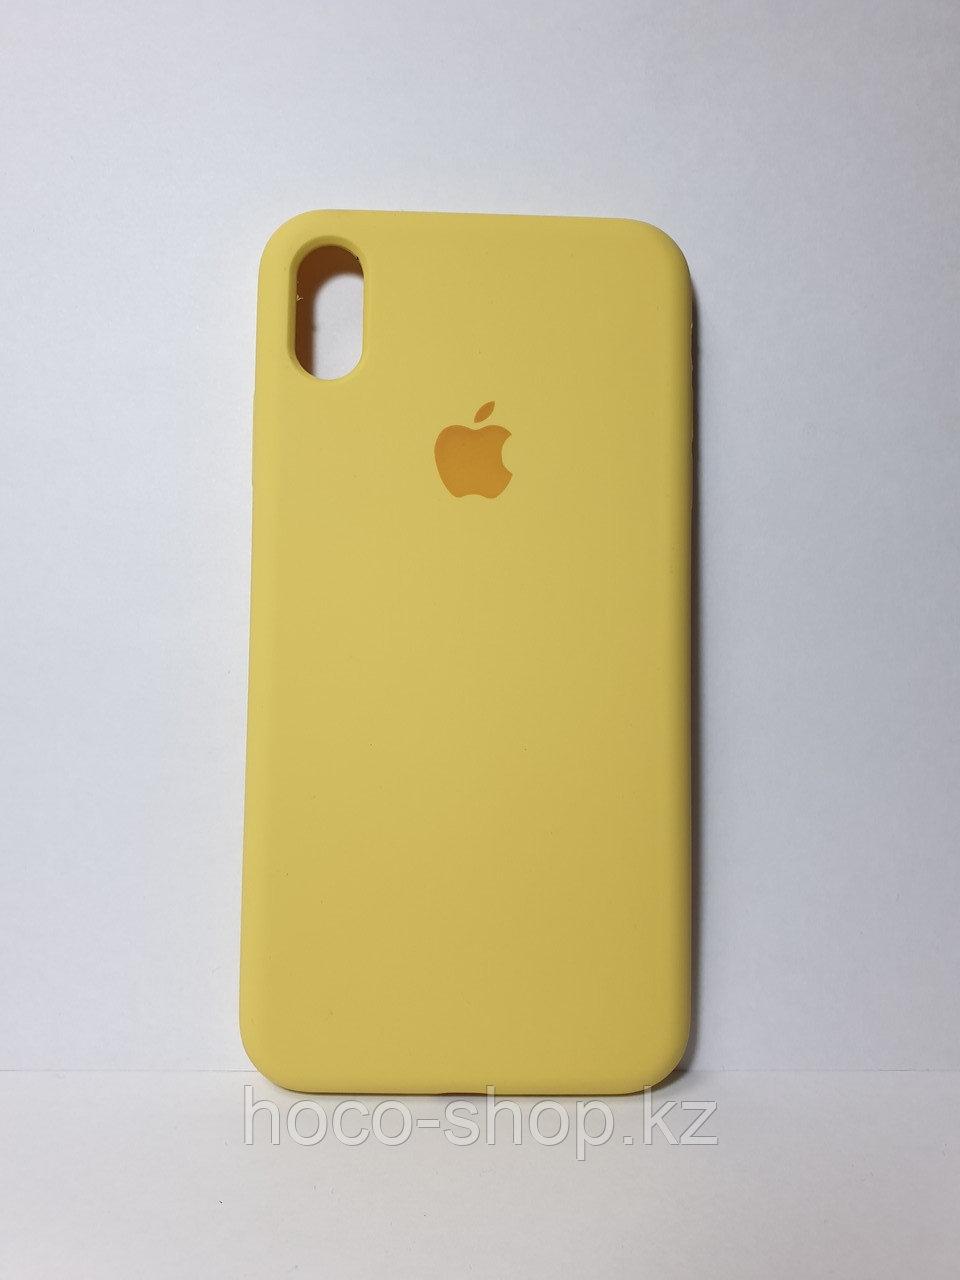 Защитный чехол для iPhone Xs Max Soft Touch силиконовый, желтый